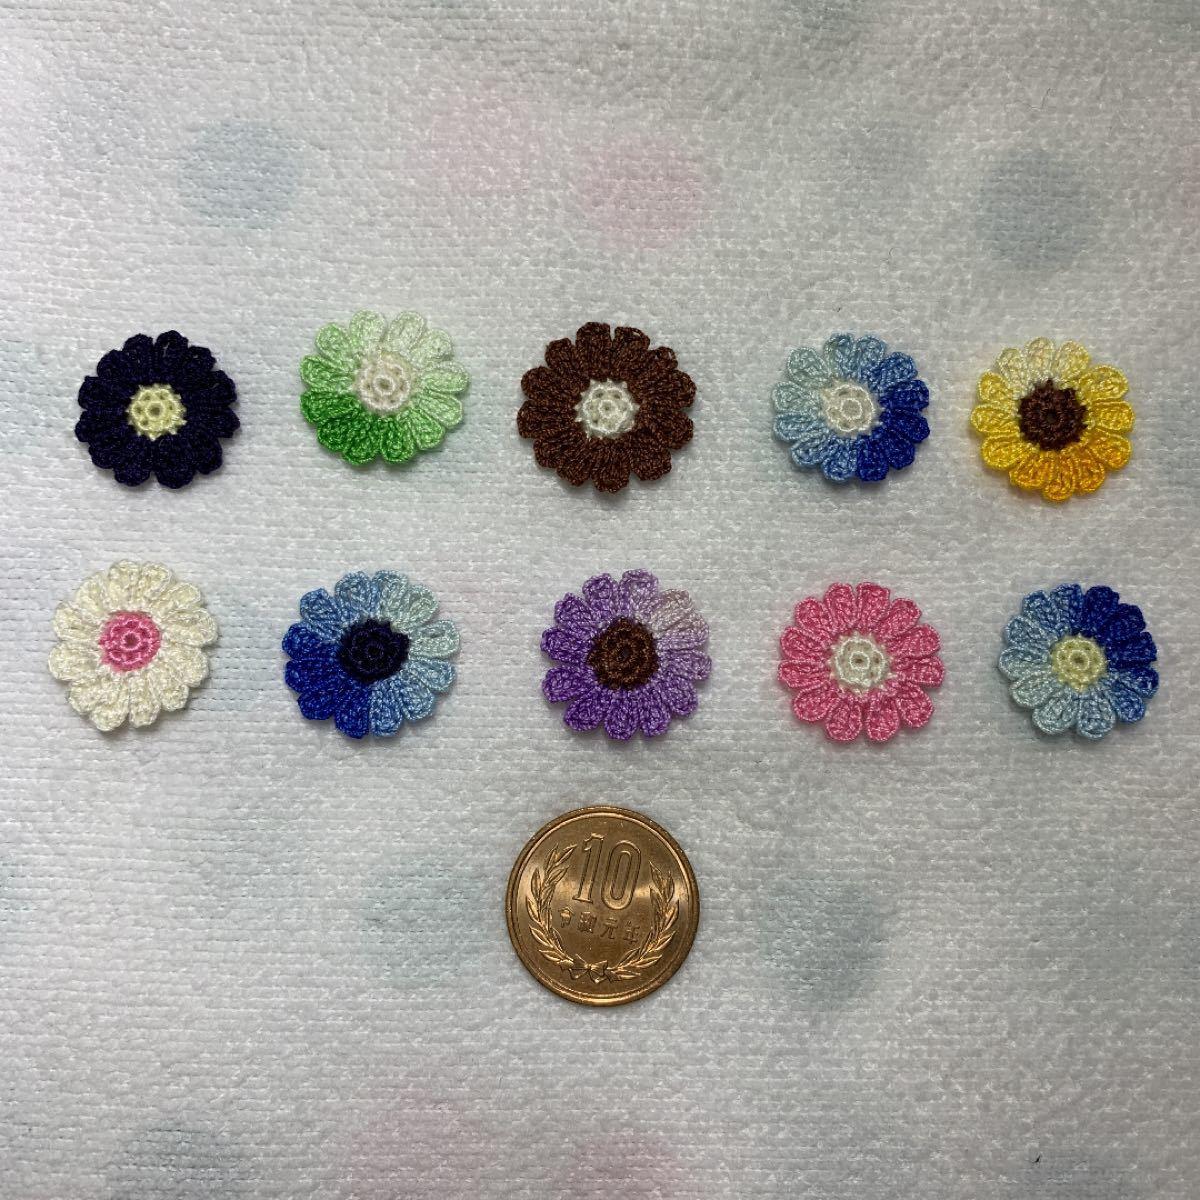 お花 レース編み ワッペン モチーフ